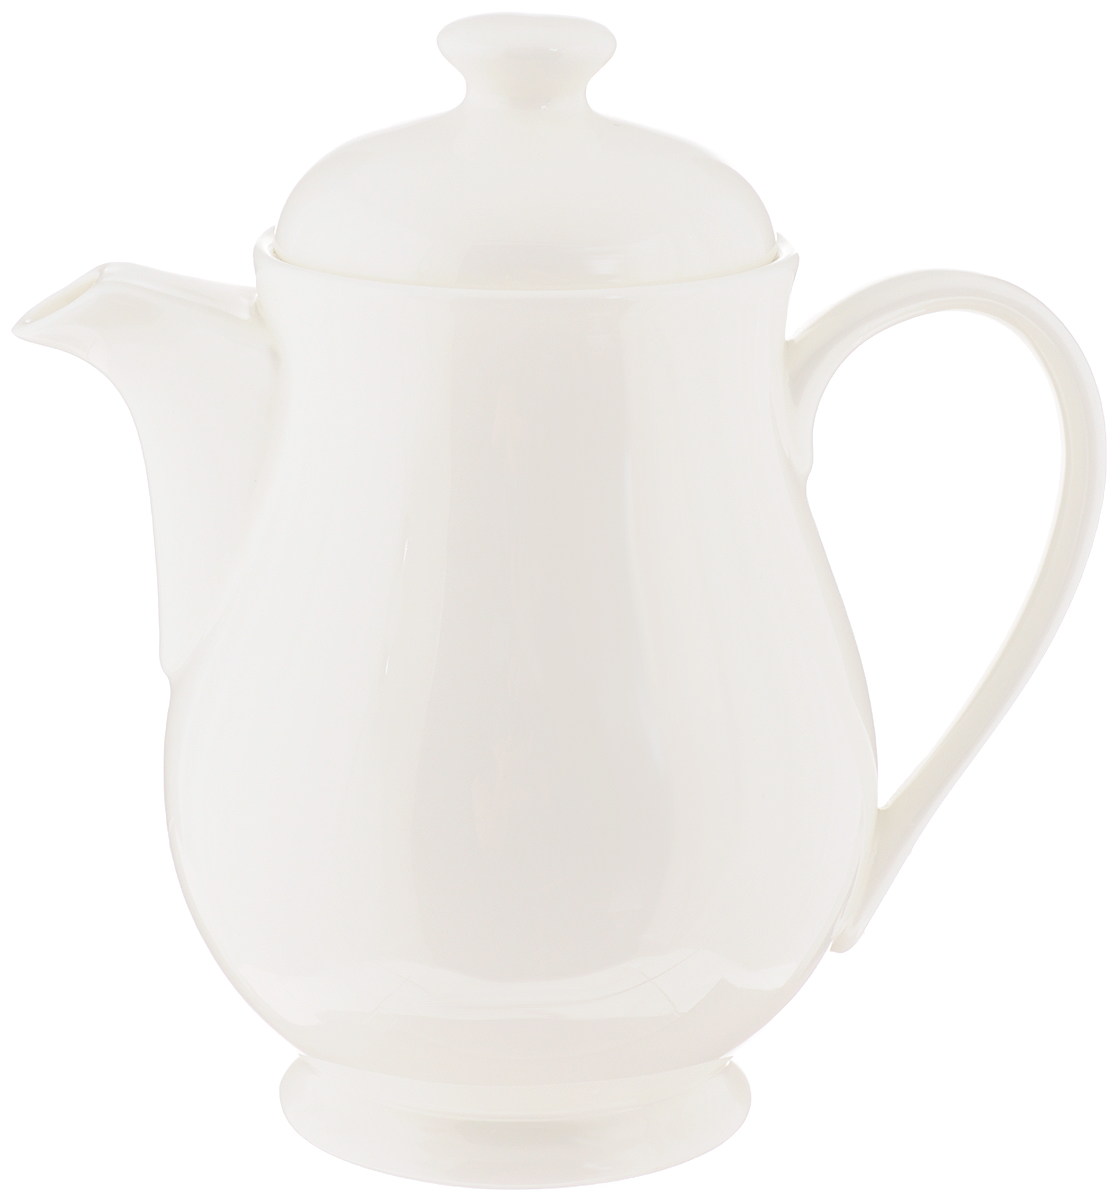 Чайник заварочный Wilmax, 650 мл. WL-994026 / 1C54 009312Заварочный чайник Wilmax изготовлен из высококачественного фарфора. Глазурованное покрытие обеспечивает легкую очистку. Изделие прекрасно подходит для заваривания вкусного и ароматного чая, а также травяных настоев. Отверстия в основании носика препятствует попаданию чаинок в чашку. Оригинальный дизайн сделает чайник настоящим украшением стола. Он удобен в использовании и понравится каждому.Можно мыть в посудомоечной машине и использовать в микроволновой печи. Диаметр чайника (по верхнему краю): 7,5 см. Высота чайника (без учета крышки): 13 см. Высота чайника (с учетом крышки): 16 см.